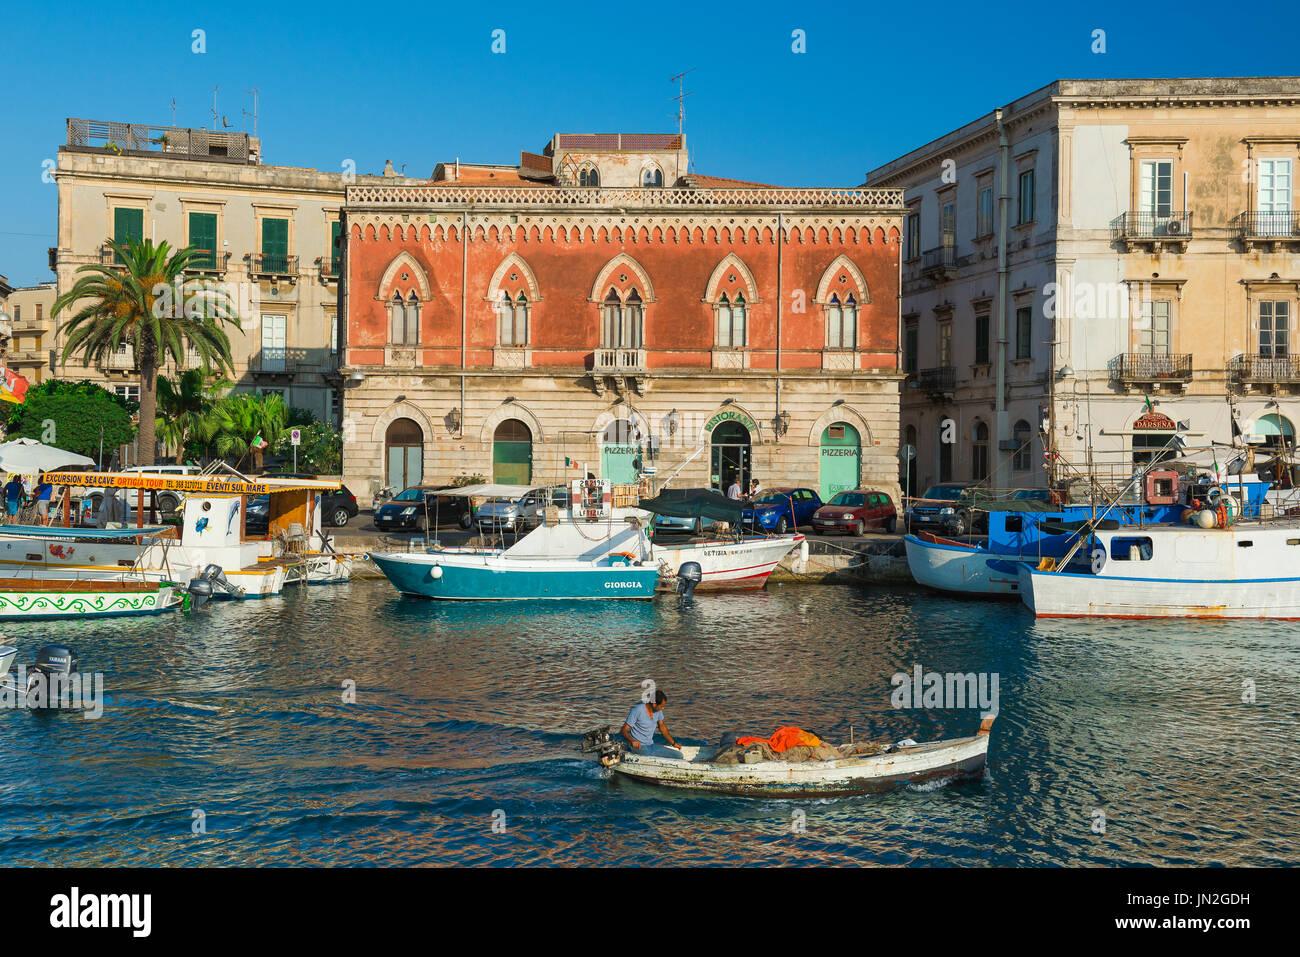 Sicilia in barca da pesca, un pescatore manzi il suo skiff lungo la Darsena canale che separa la città di Siracusa dall isola di Ortigia, in Sicilia. Immagini Stock